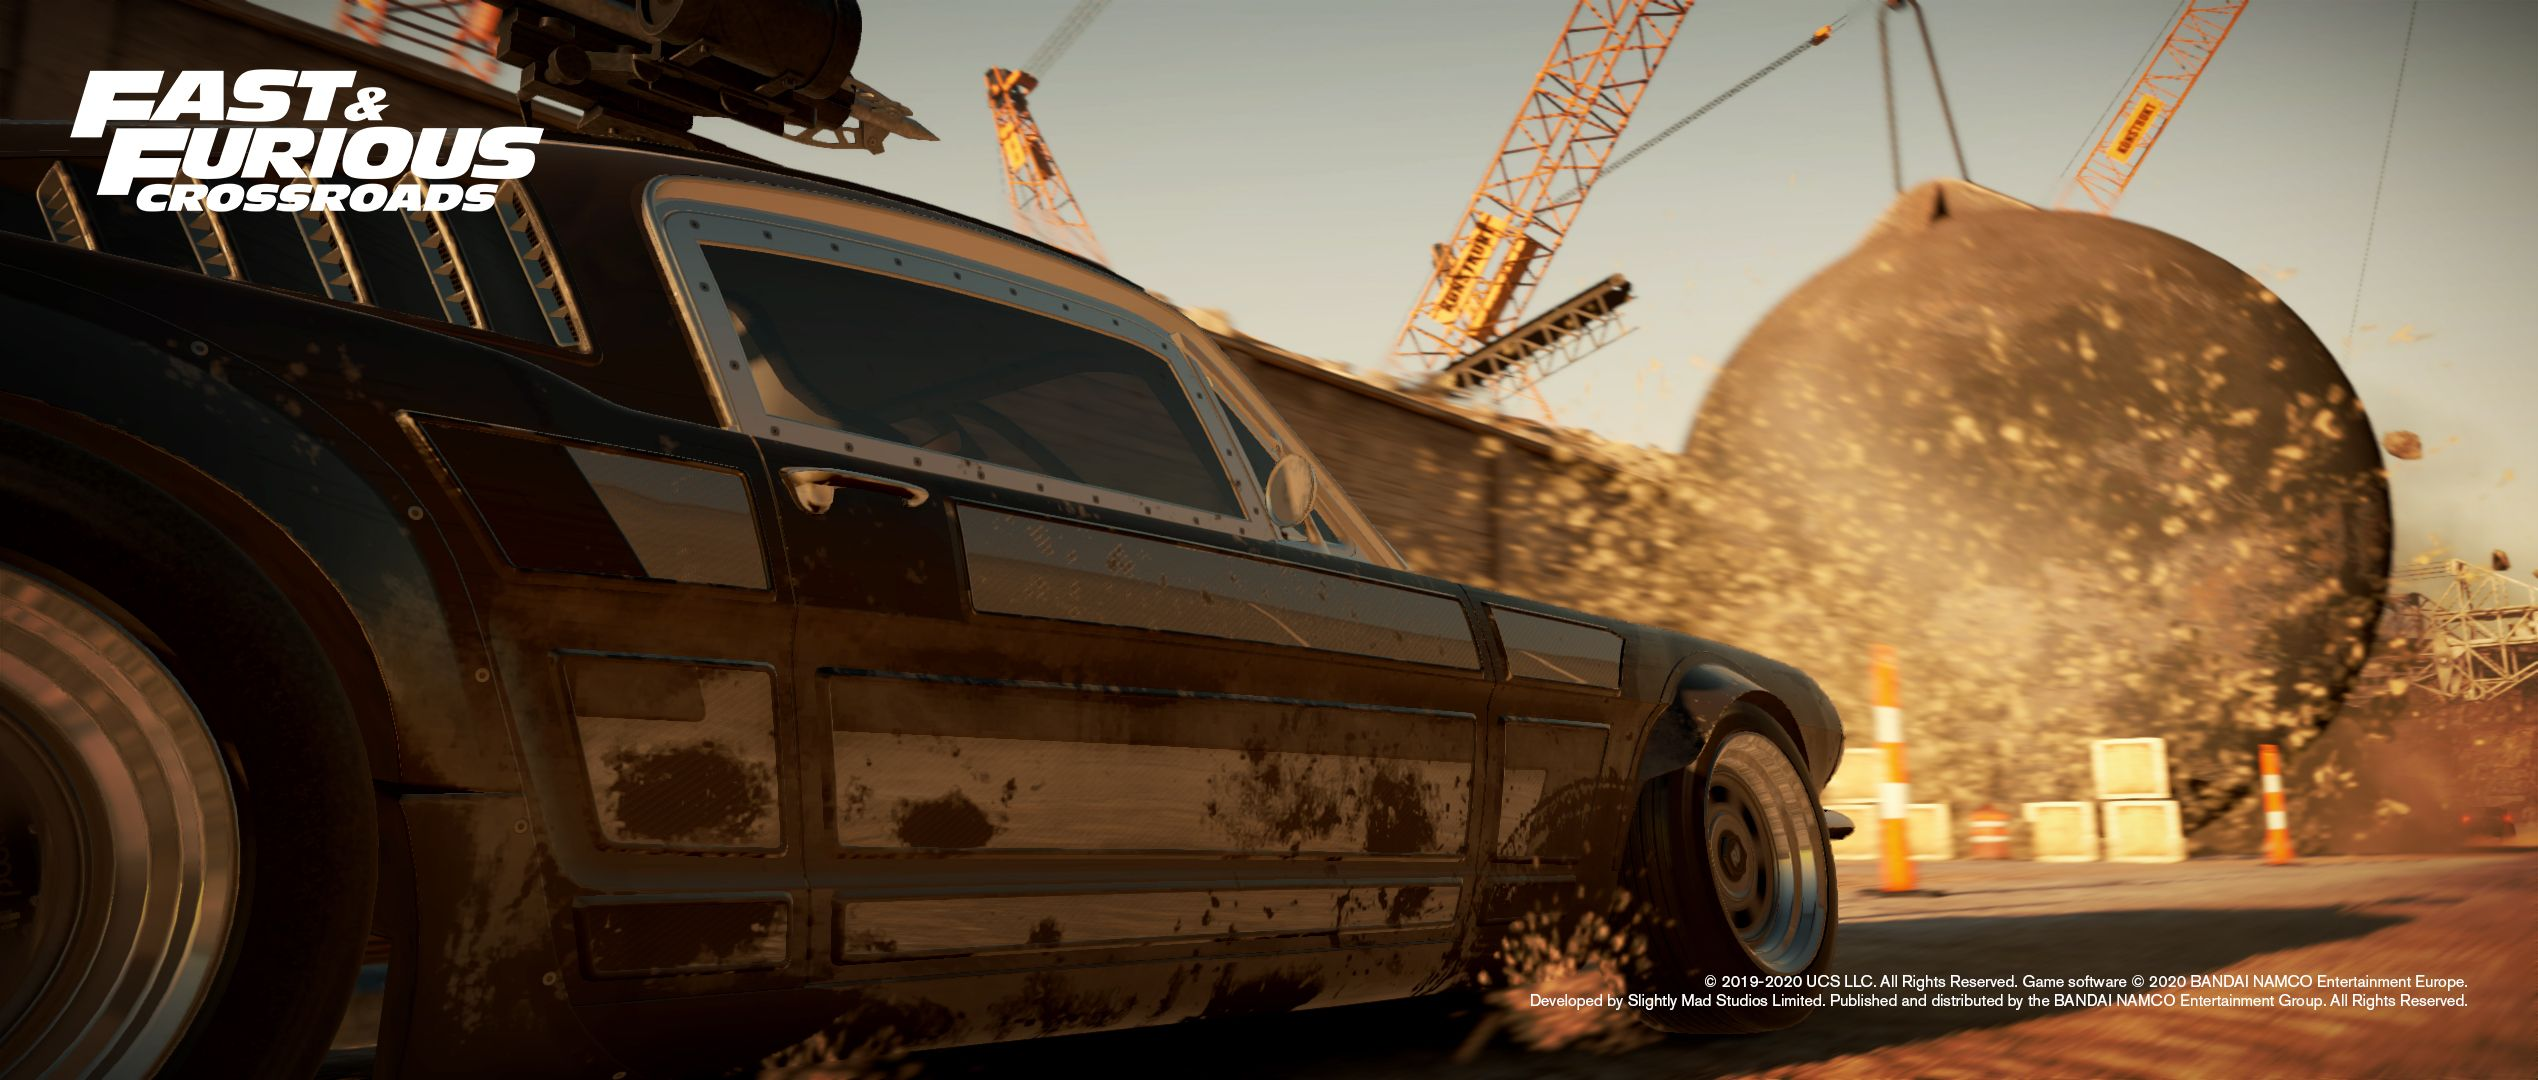 Fast & Furious Crossroads: trailer oficial del videojuego